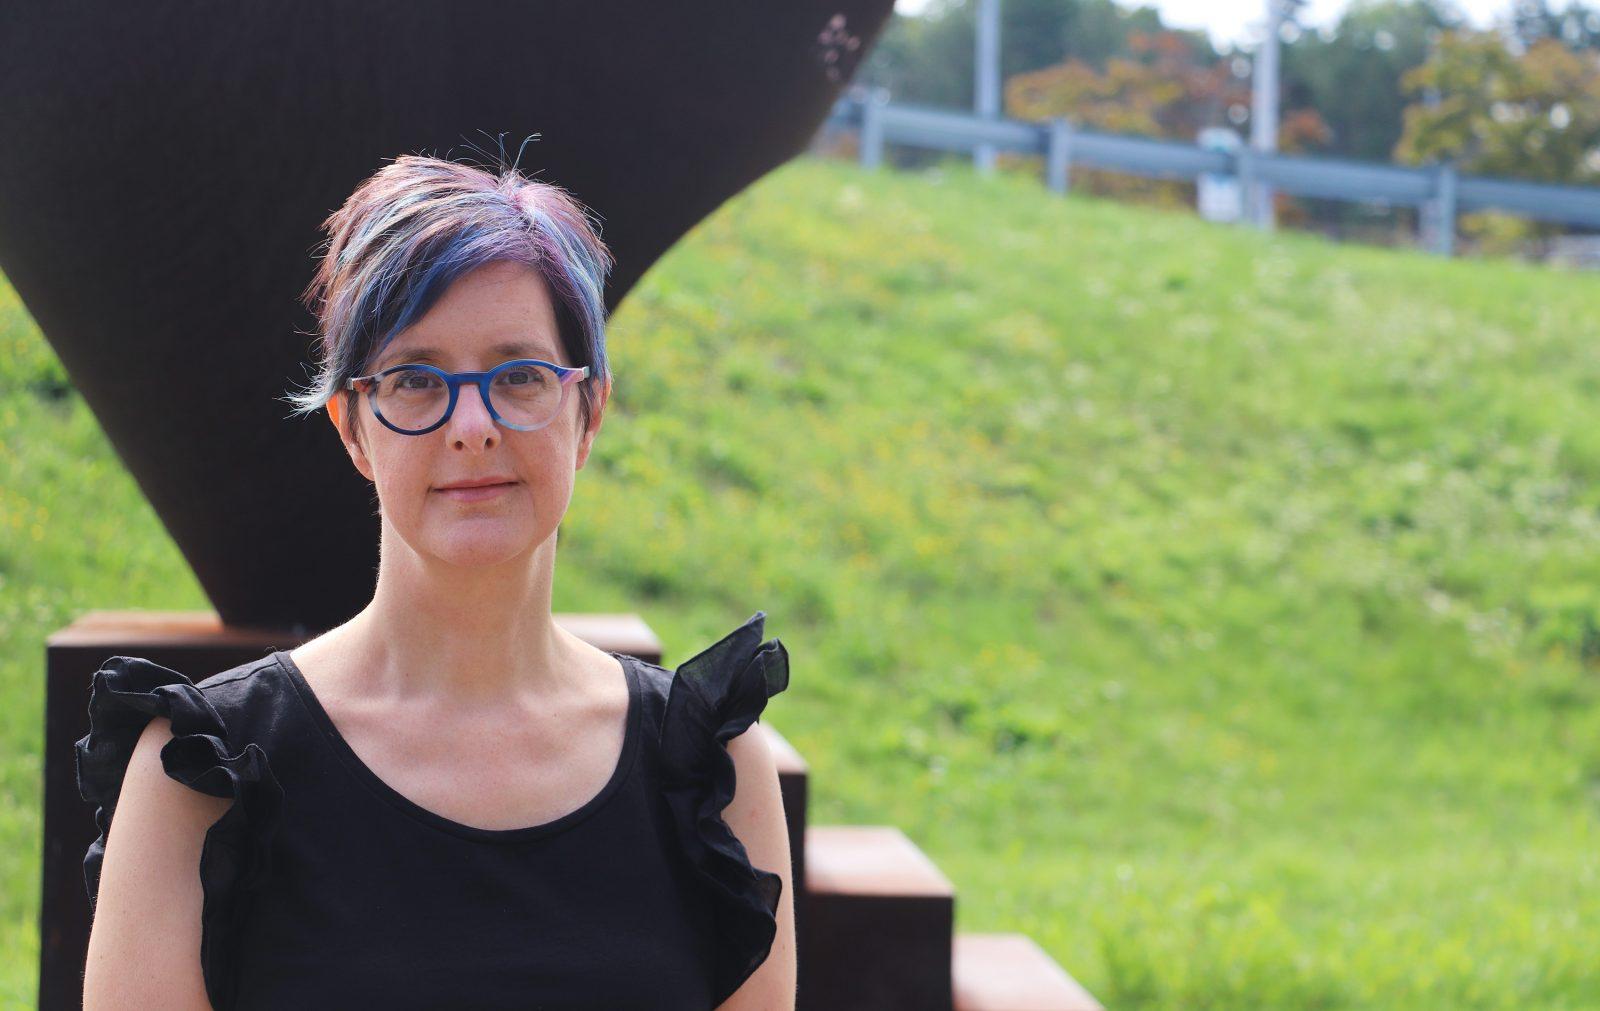 Linda Steer